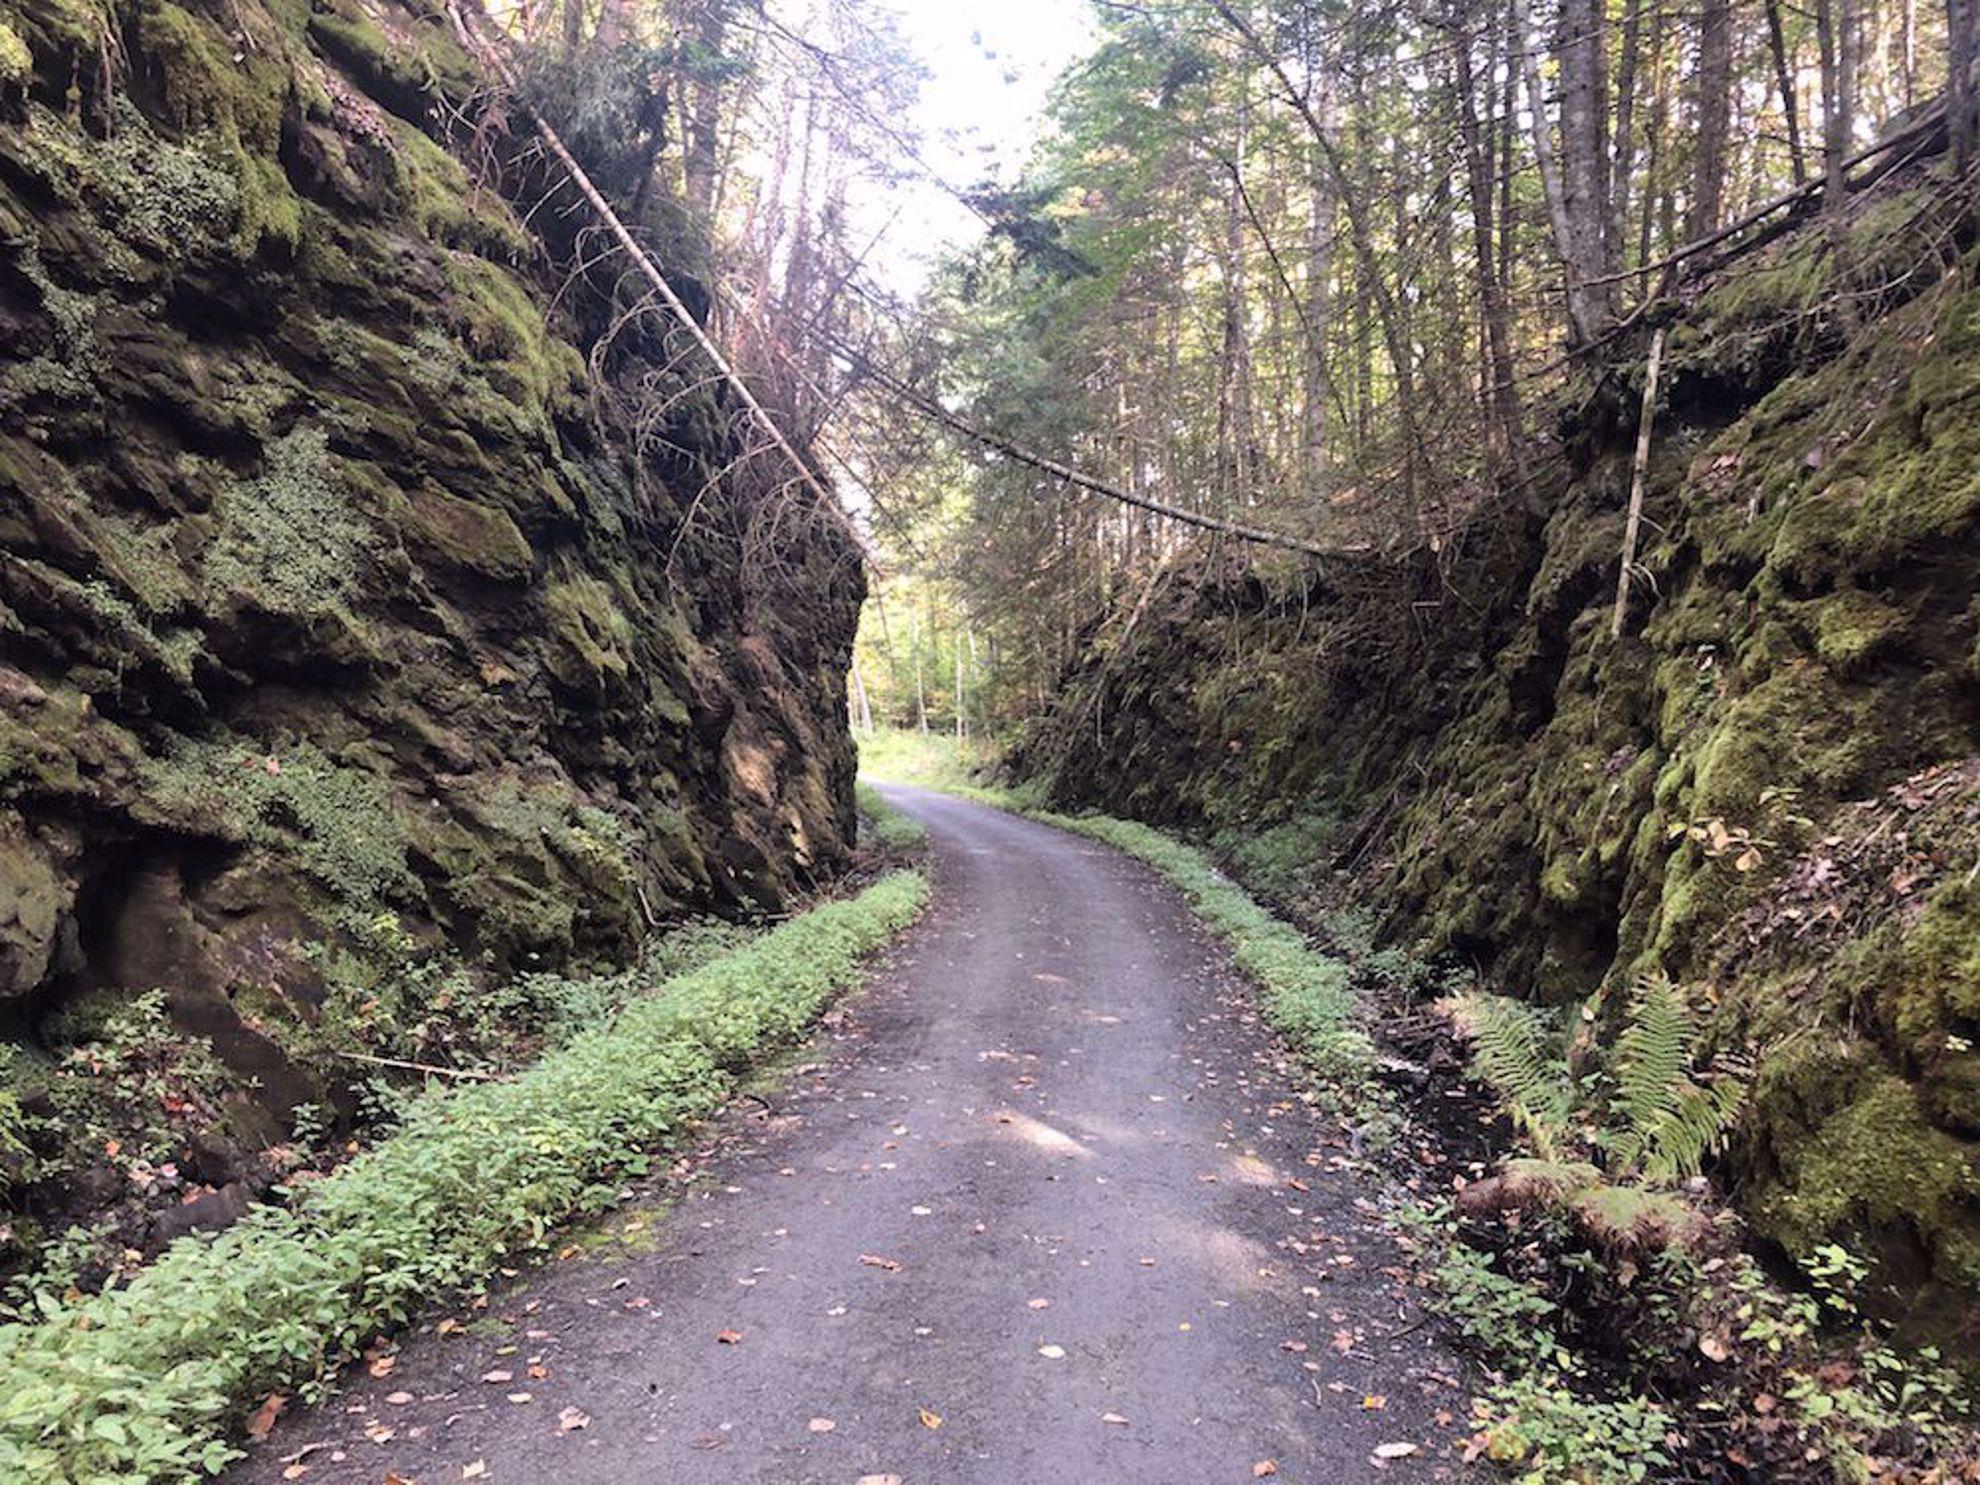 Rail trail through rock